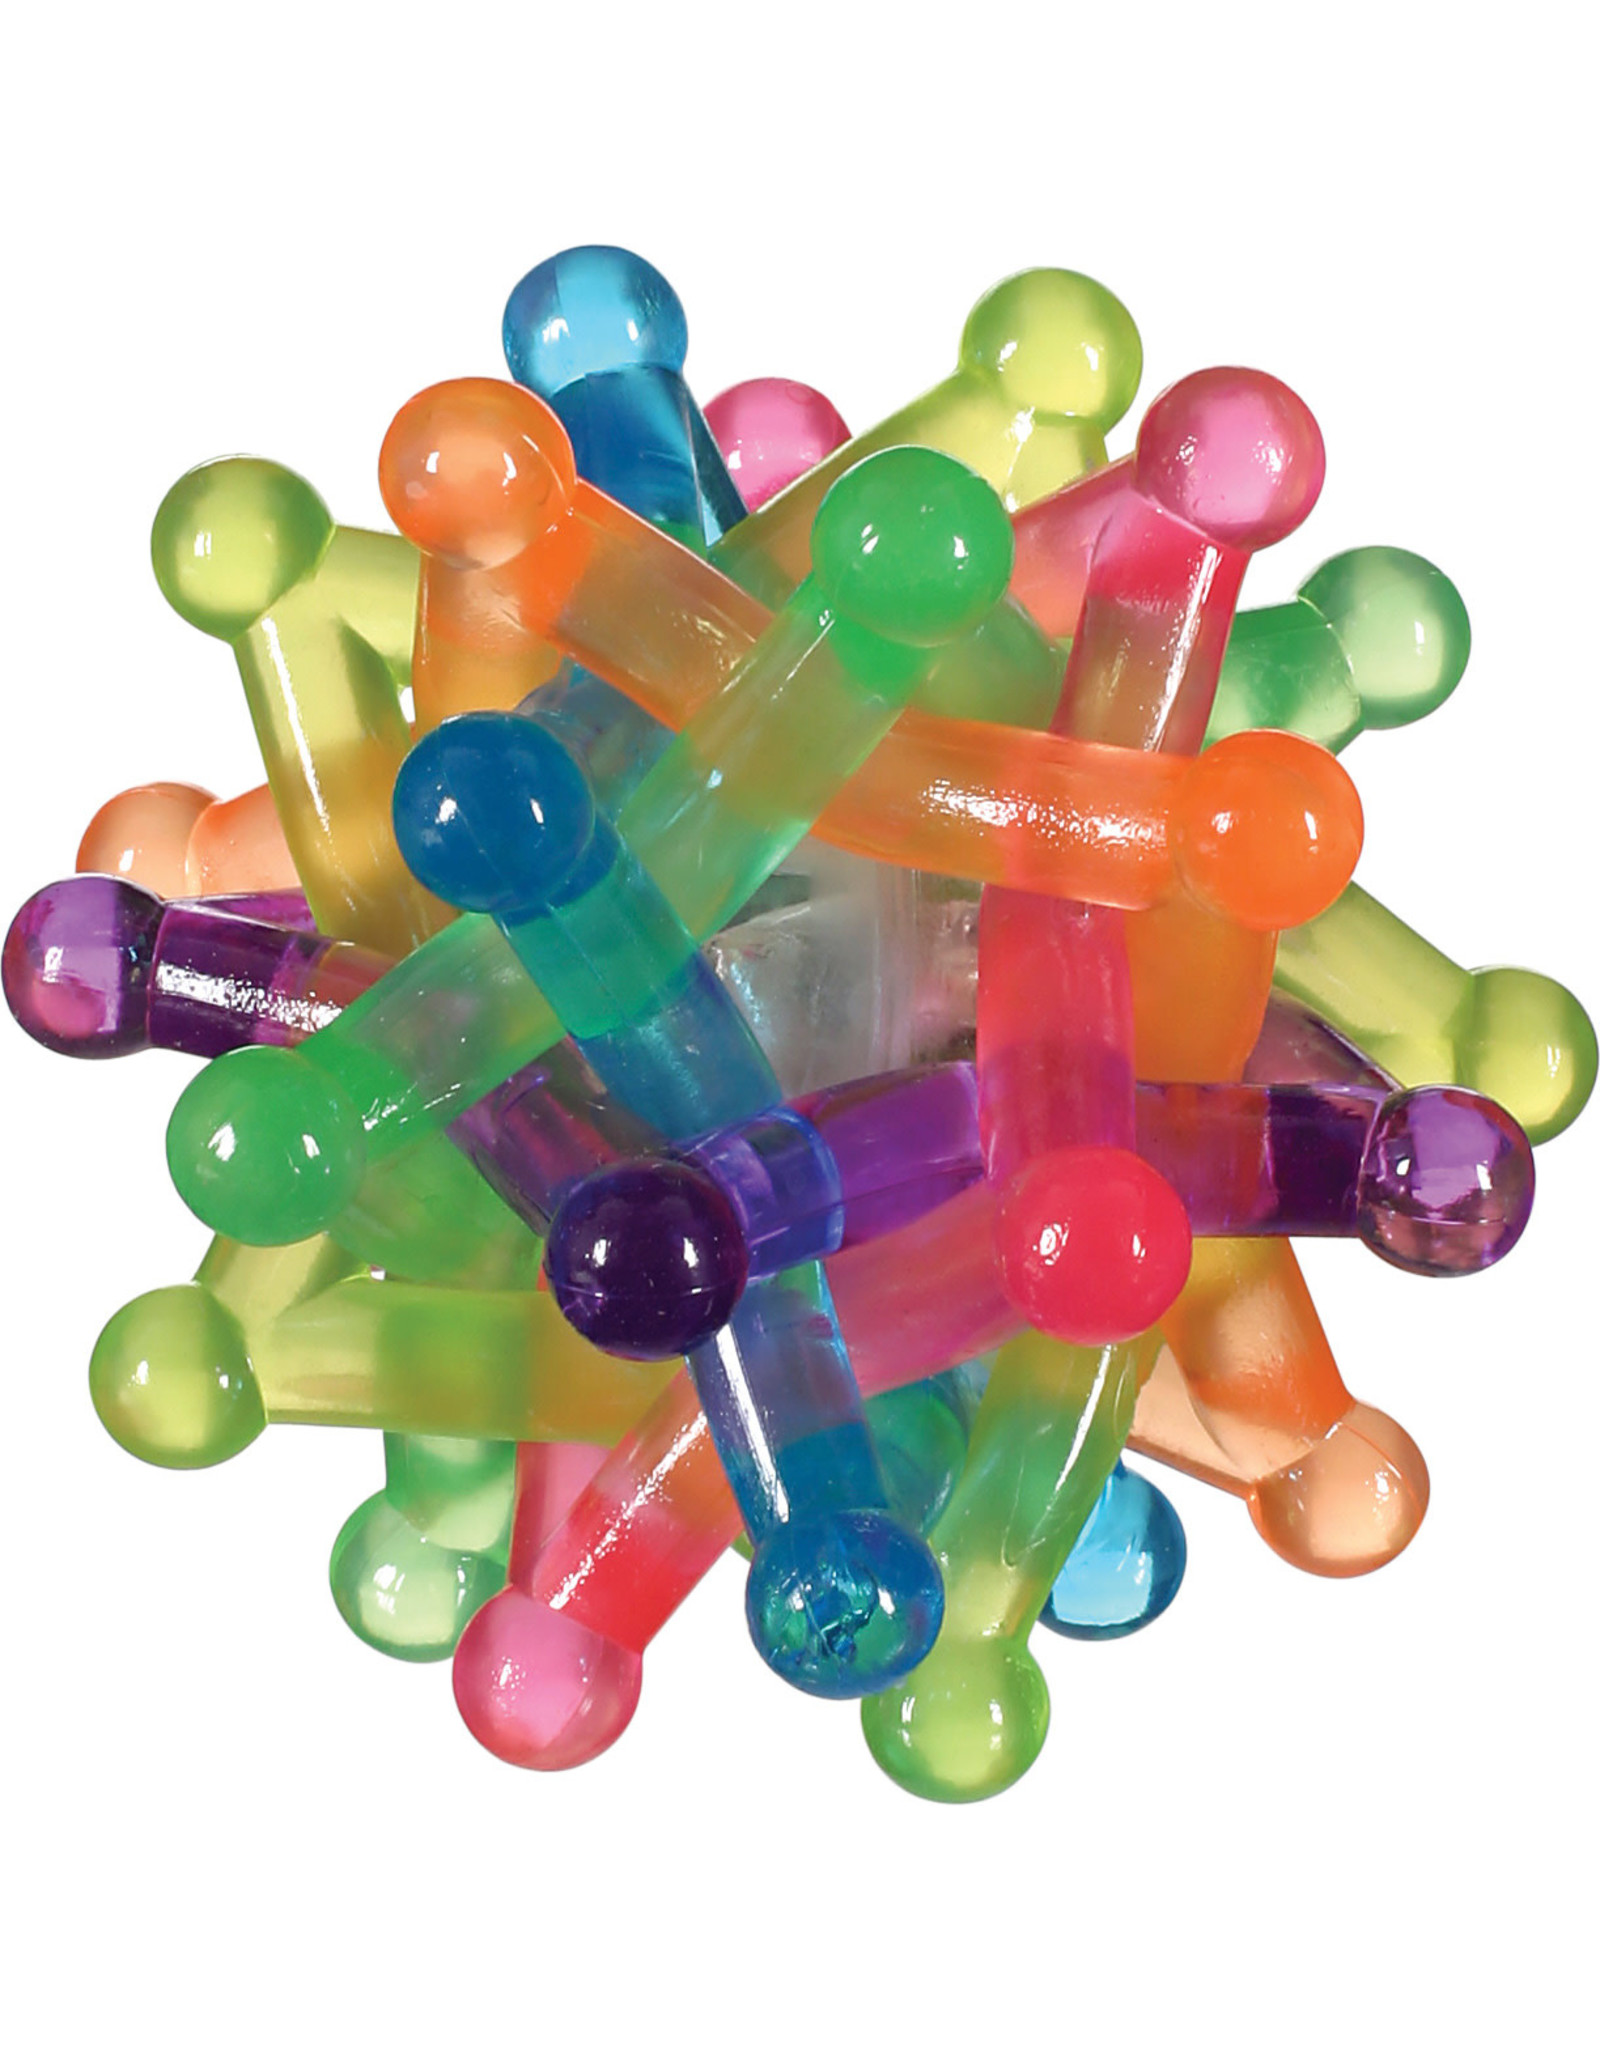 Toysmith Light Up Neutron Ball